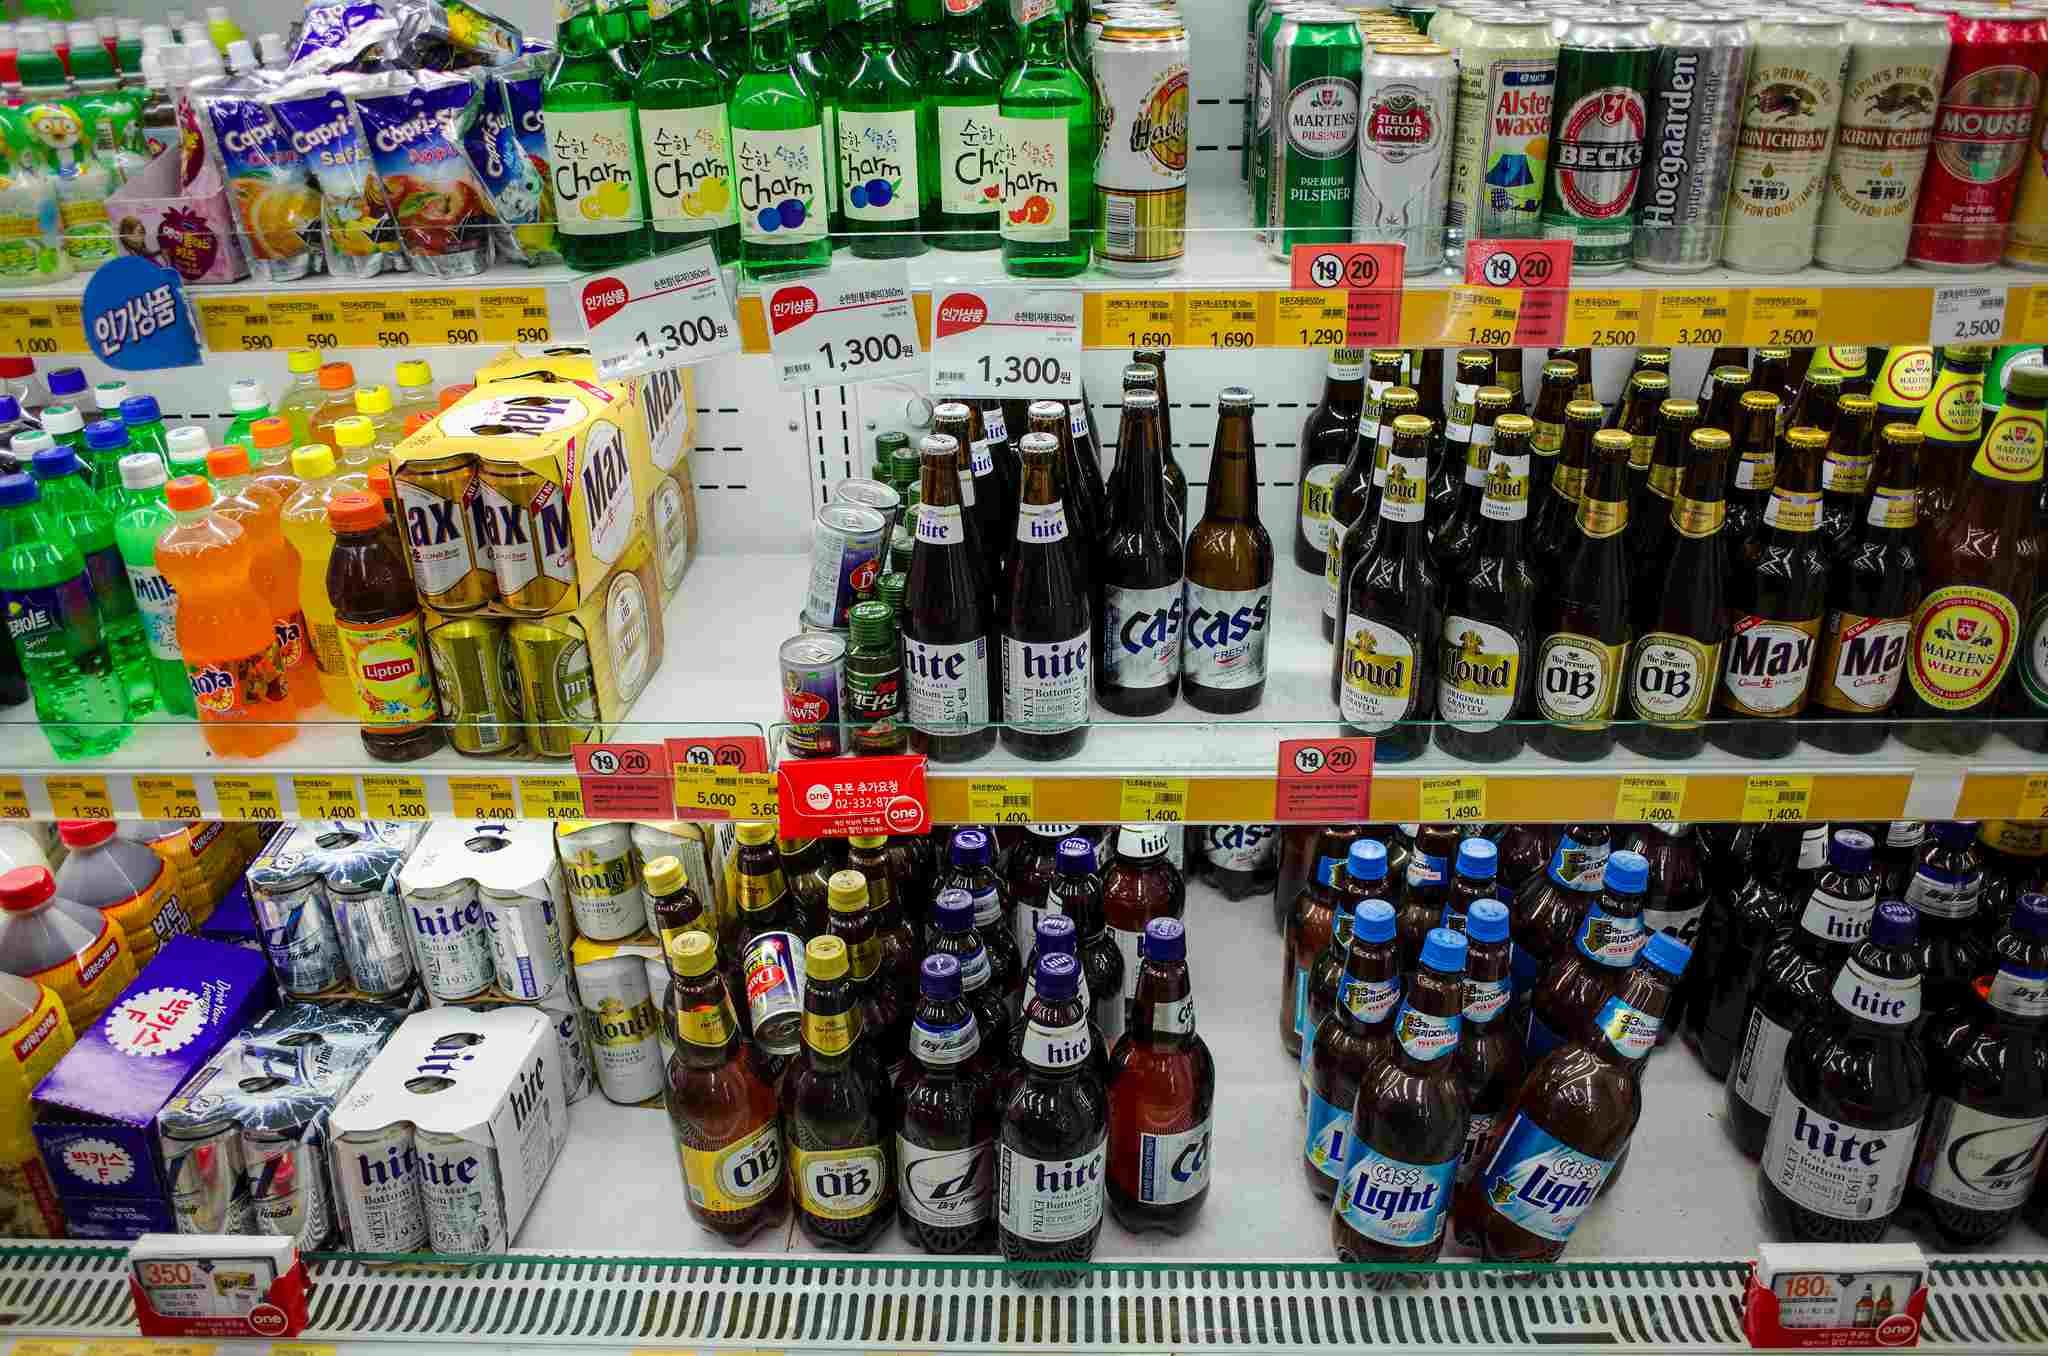 #1 喝酒習慣大不同  因為韓國人覺得抽菸跟喝酒是不好的習慣,尤其是跟長輩坐在一起的時候更是要注意,以下列出幾項喝酒時切記一定要遵守的規則!  1. 不可以只幫自己倒酒 2. 別人幫你倒酒時必須雙手拿著杯子 3. 杯裡的酒必須喝完再讓別人幫你倒 4. 喝酒時不能正對著長輩,必須側身喝酒 5. 幫別人倒酒時至少倒8分滿,不然會被認為交情不夠 6. 倒酒時要按長輩順序倒